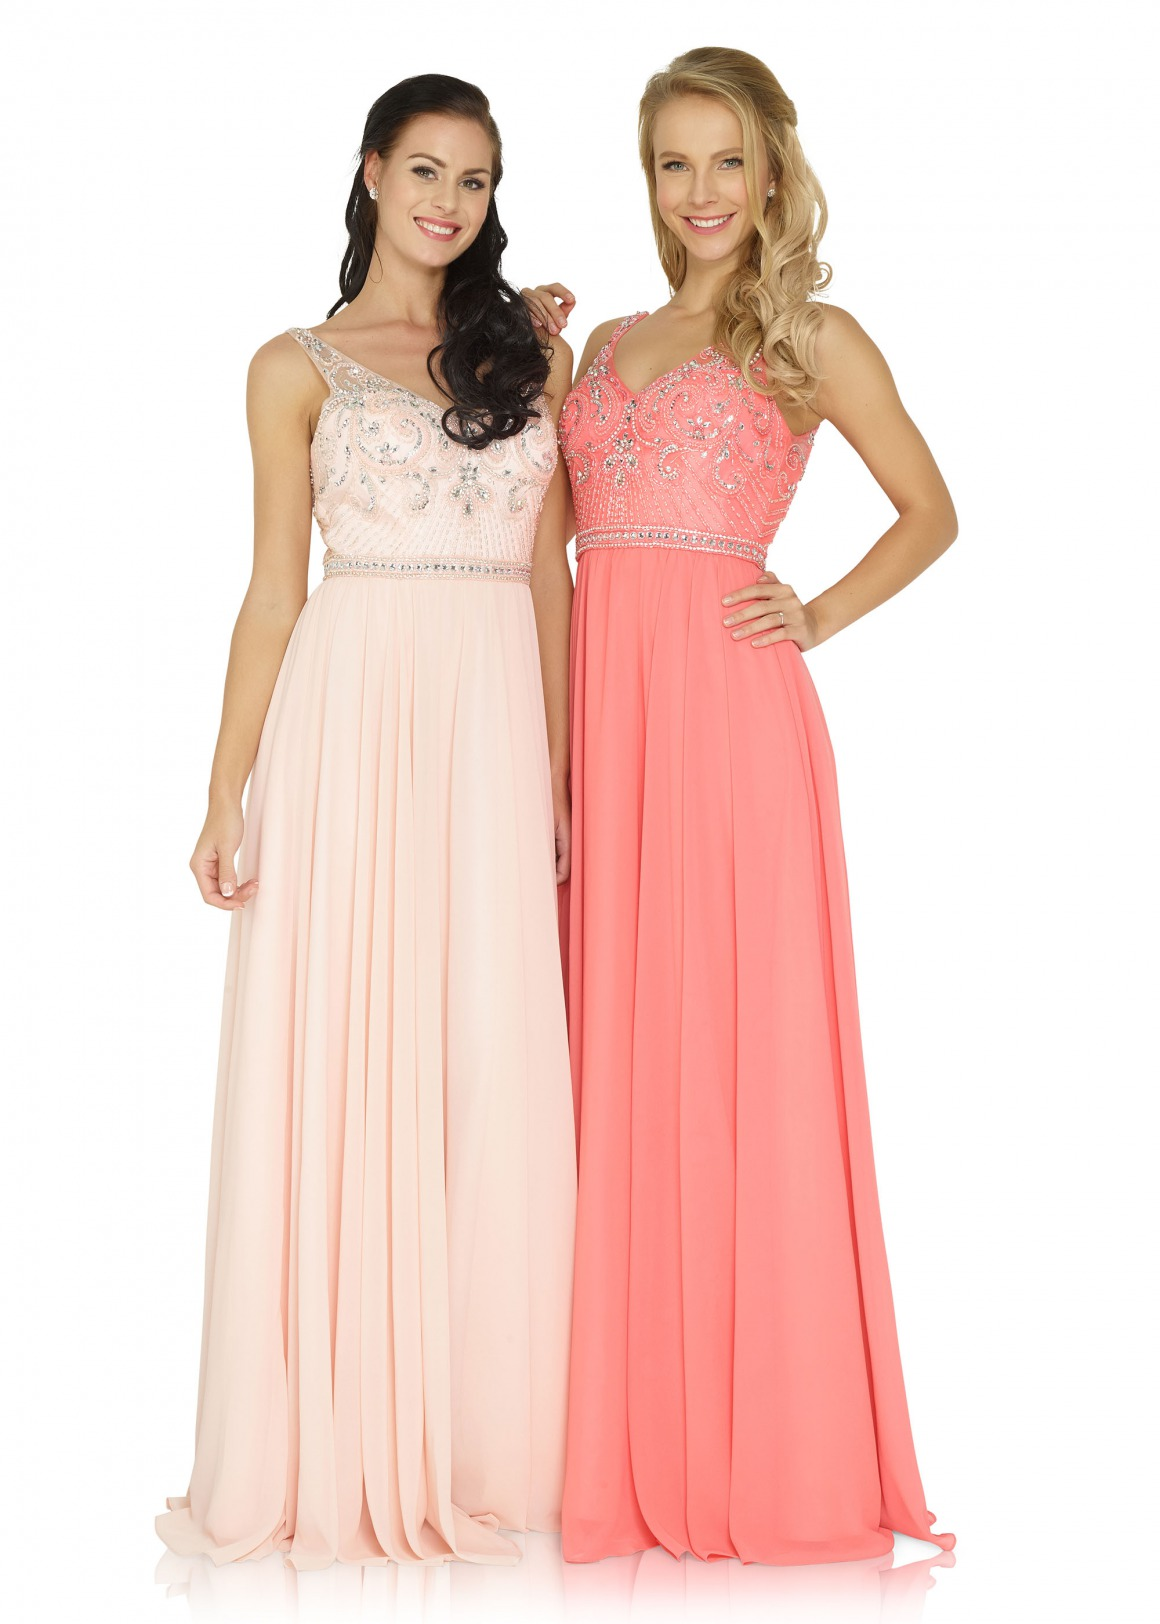 Brautjungfern Kleid Hochzeit Mode klassisch Trauzeugin Brides Maid  nude soft pastell